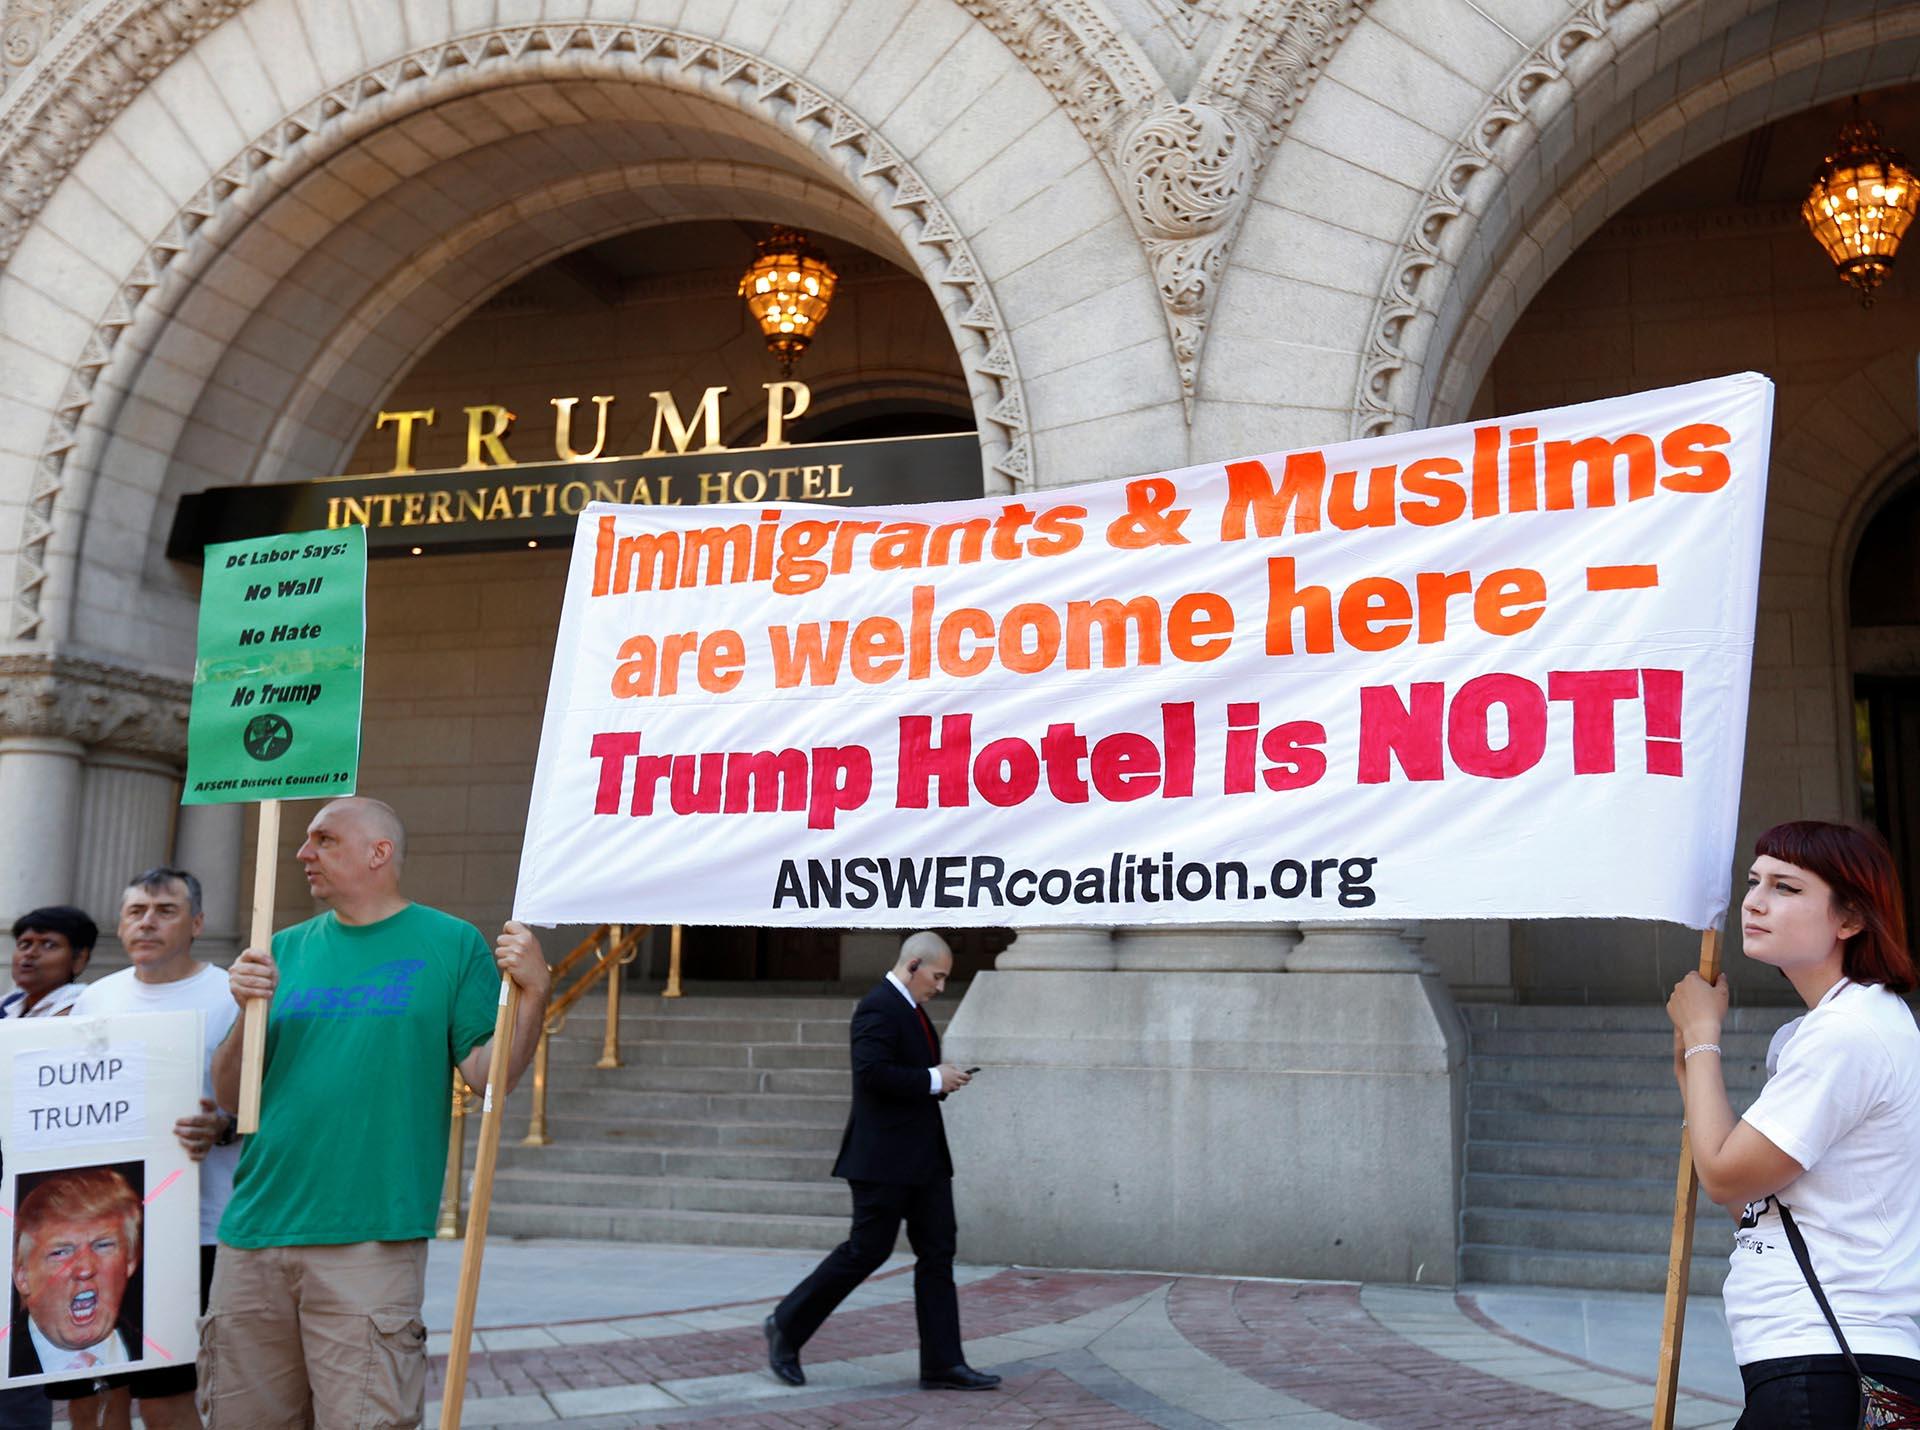 """""""Inmigrantes y musulmanes son bienvenidos aquí. ¡El hotel de Trump, no!"""", una de las consignas de las protestas durante la inauguración del Trump International Hotel en Washington DC (Reuters)"""